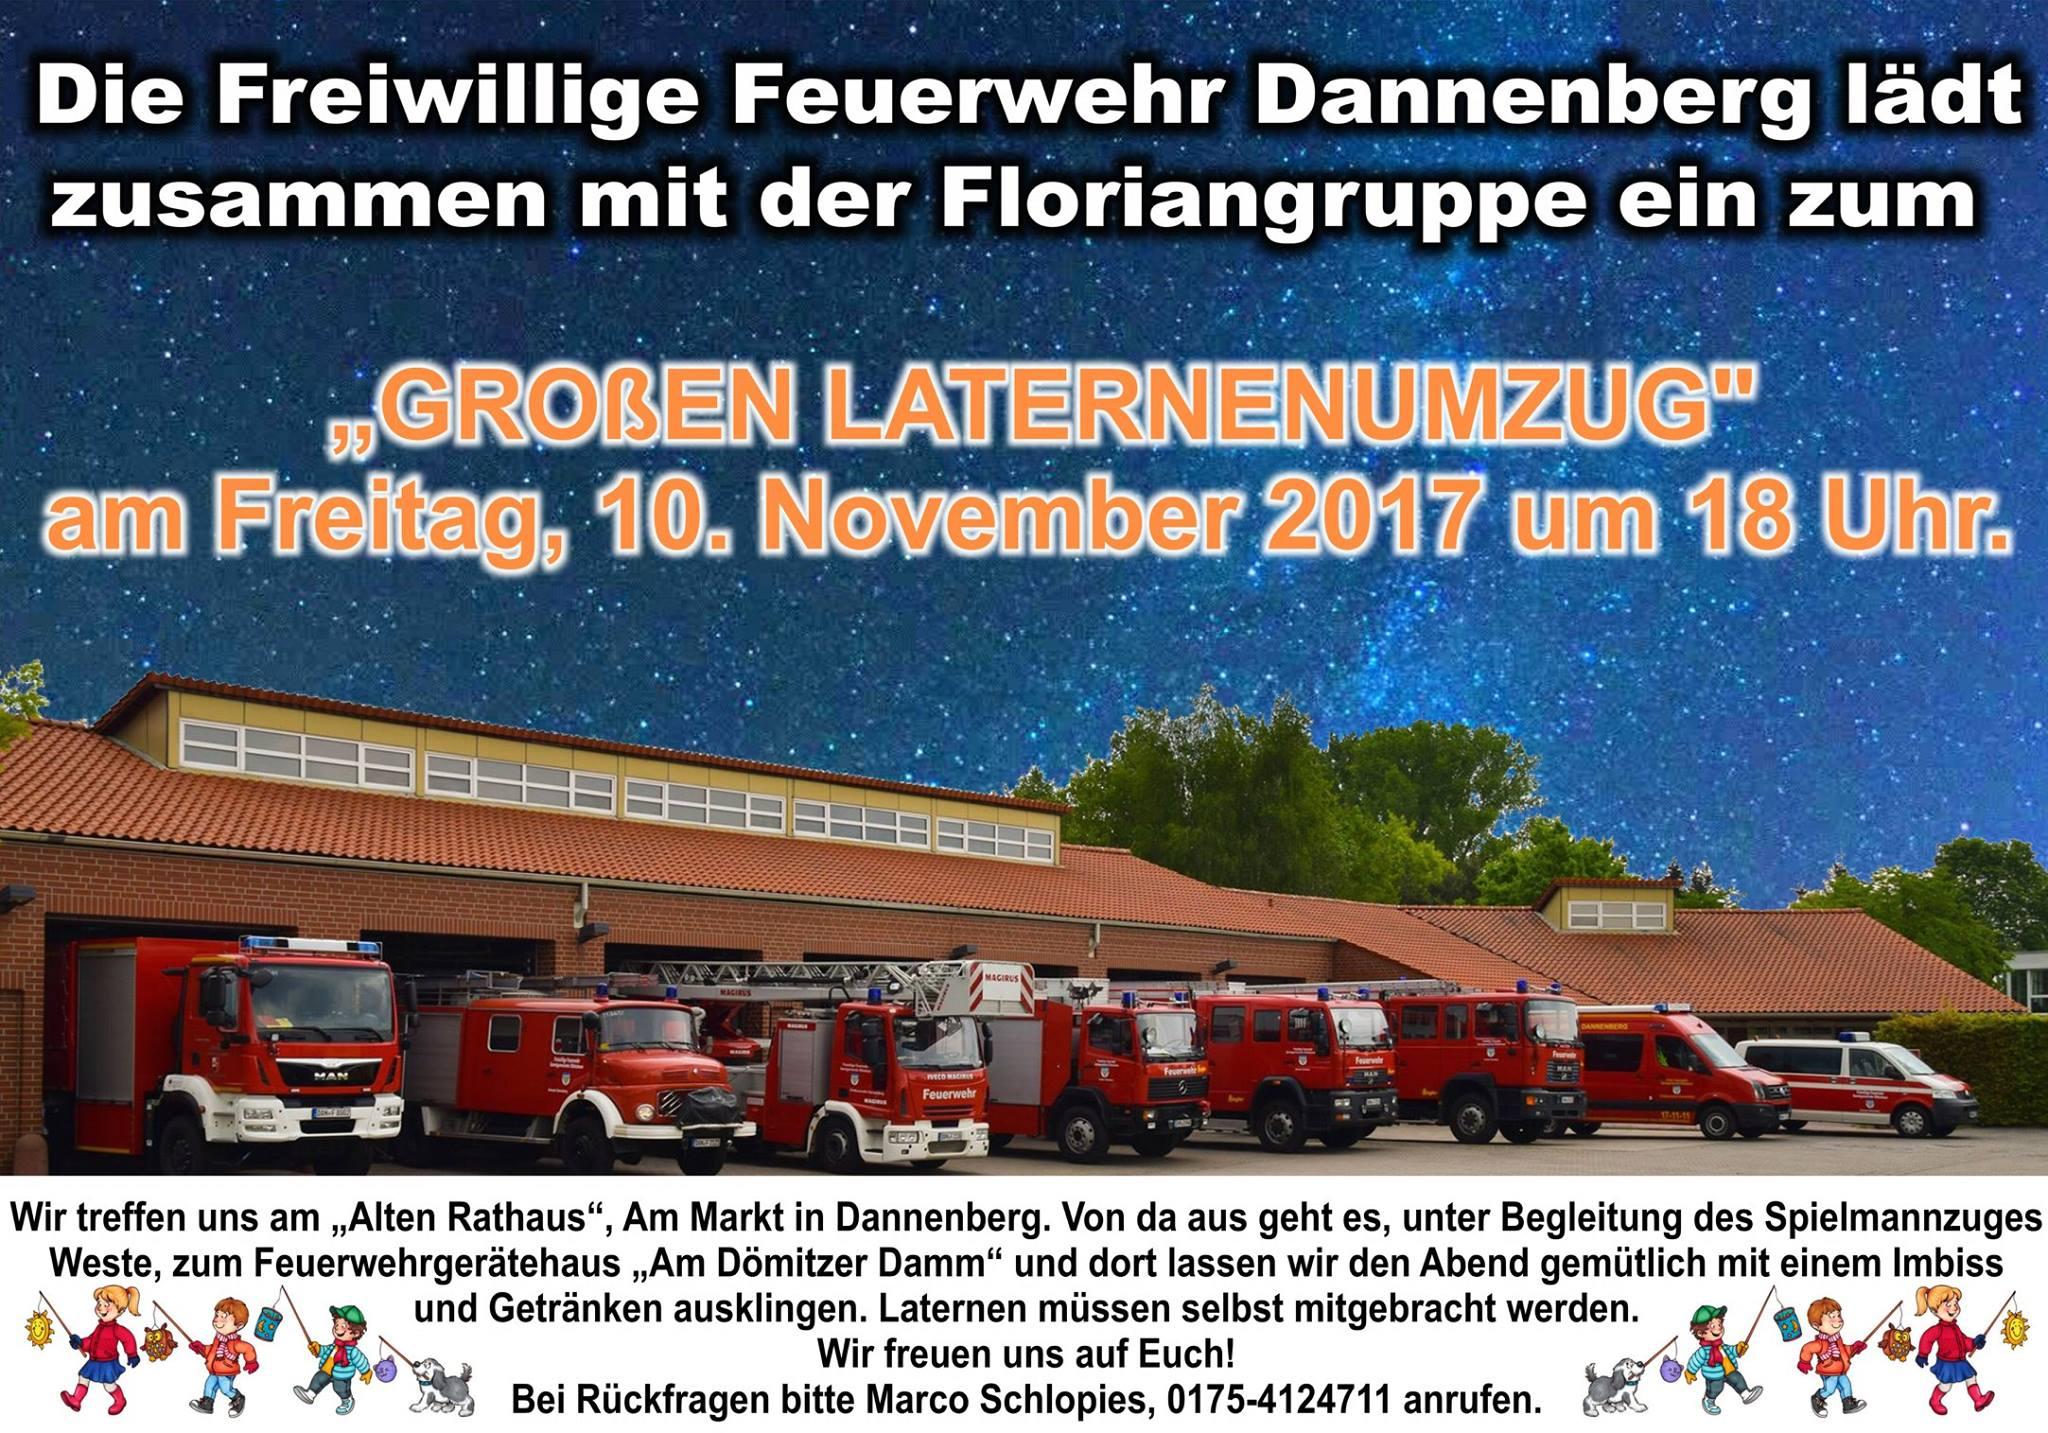 Großer Laternenumzug am Freitag den 10.11.2017